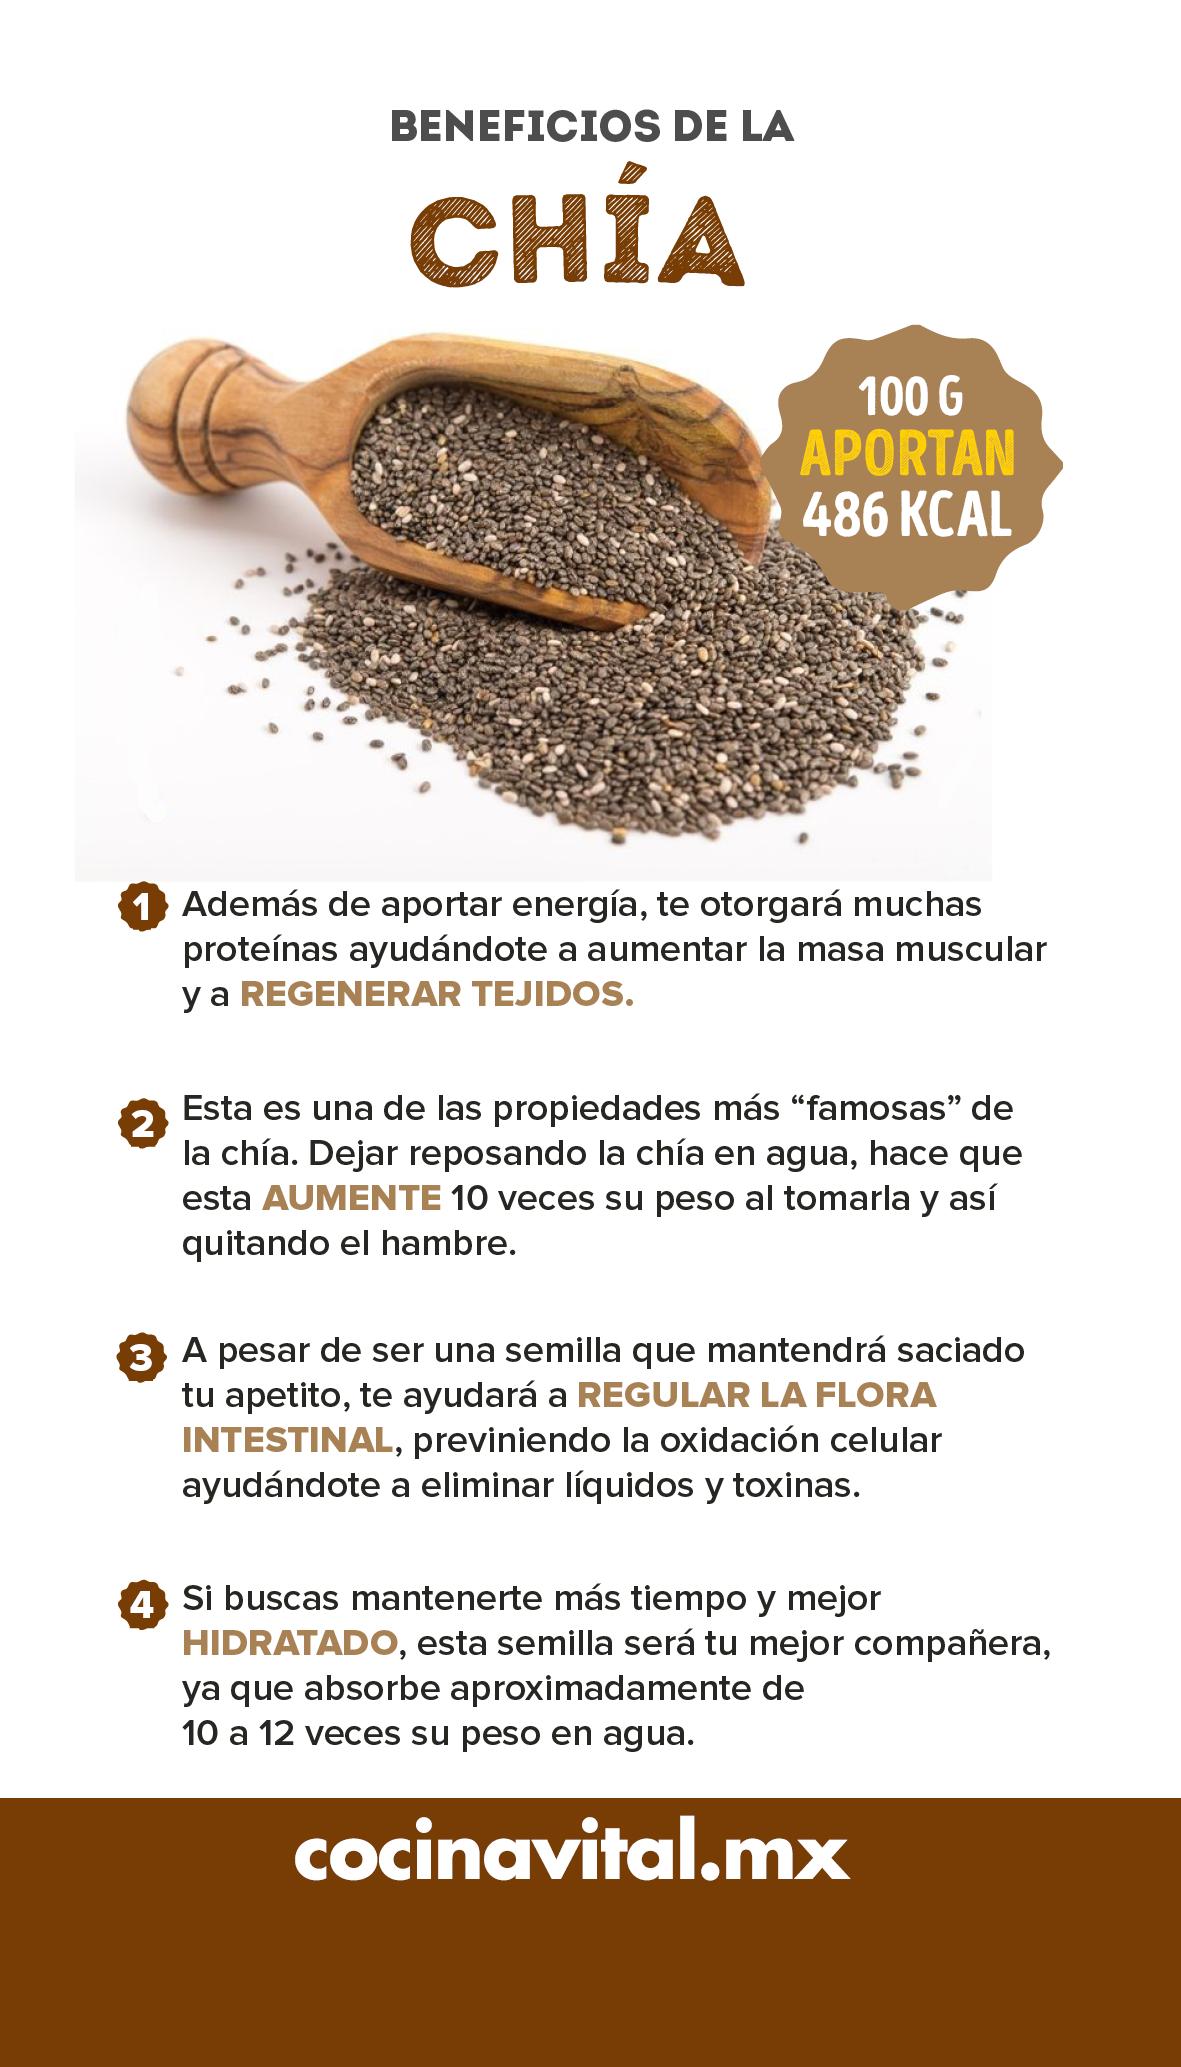 9 Beneficios De La Chía Beneficios De La Chia Beneficios De Alimentos Tips Nutricion